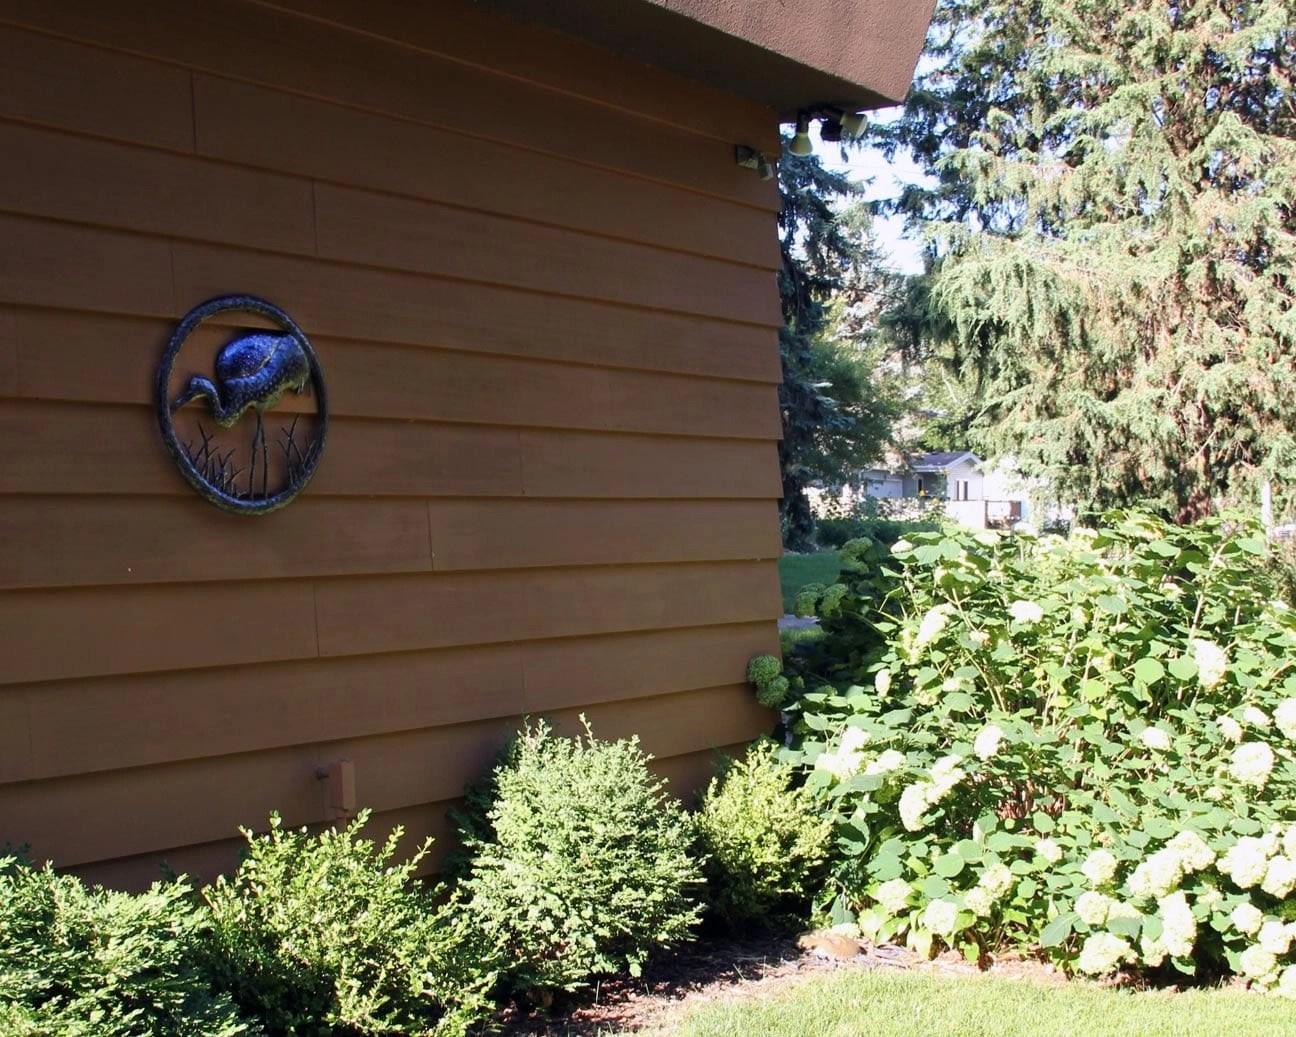 Buy Sandhill crane metal wall art online for your garden or home